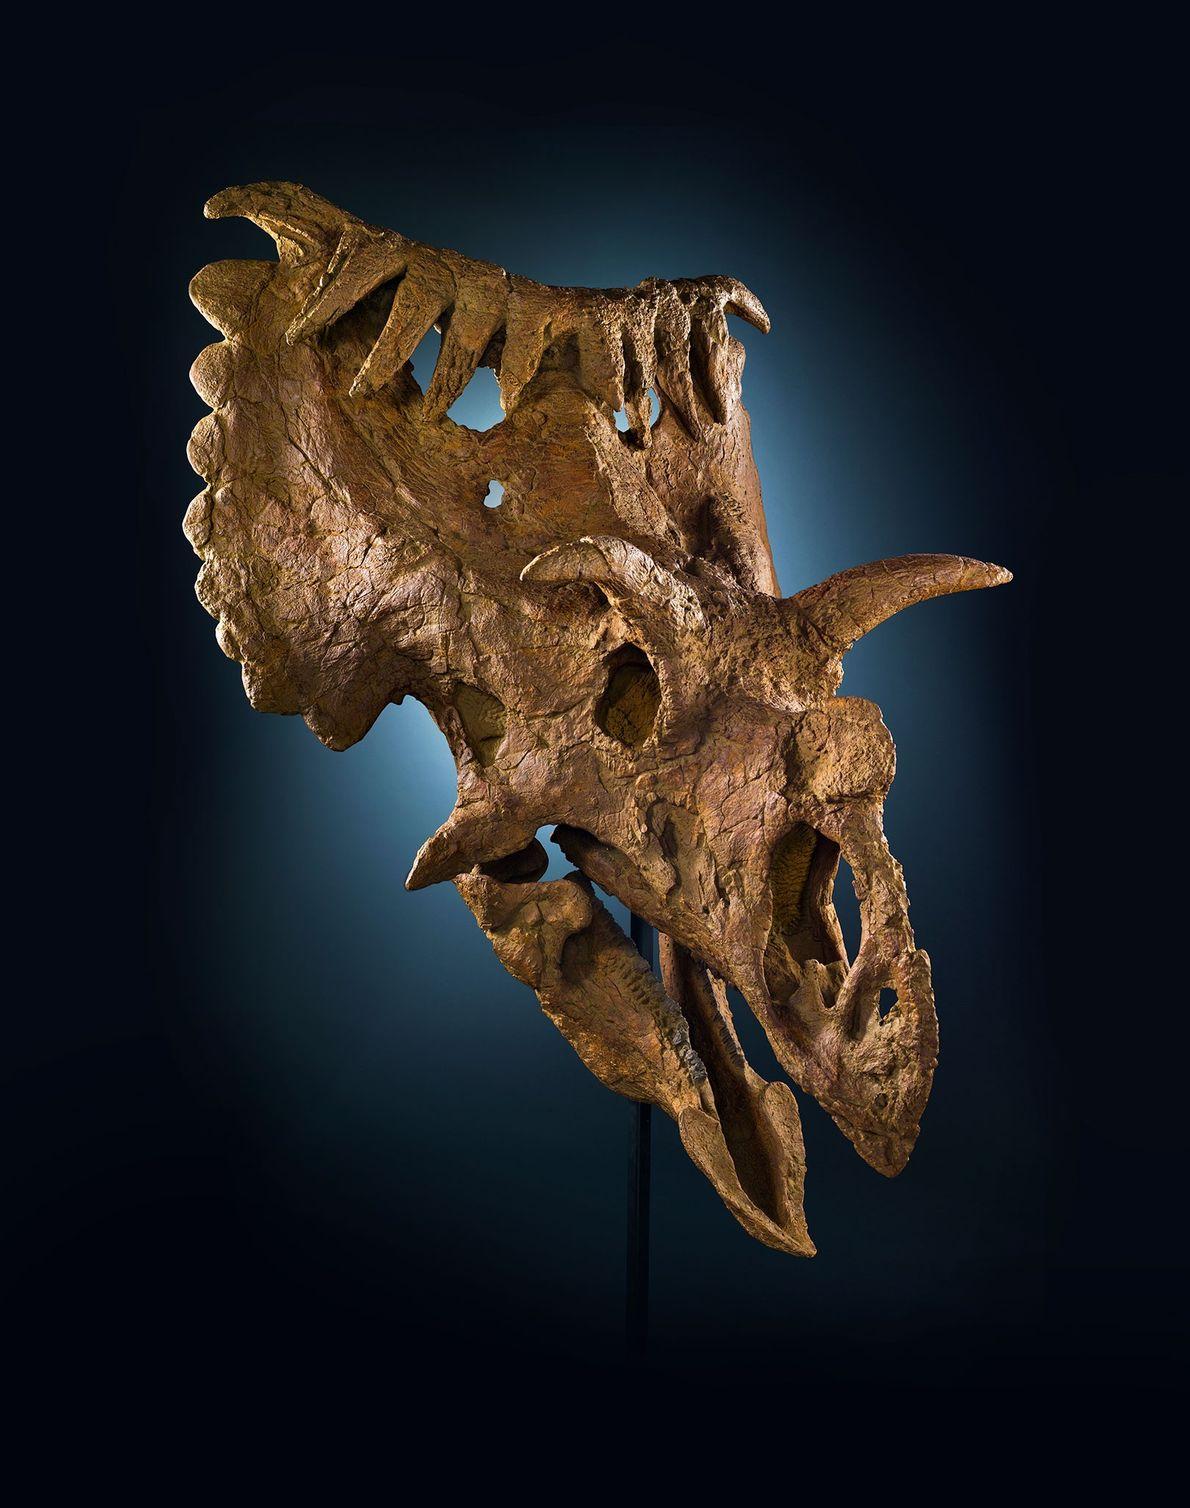 Ce crâne singulier provient d'un parent du Triceratops appelé Kosmoceratops richardsoni. Ce cératopsien de la taille ...